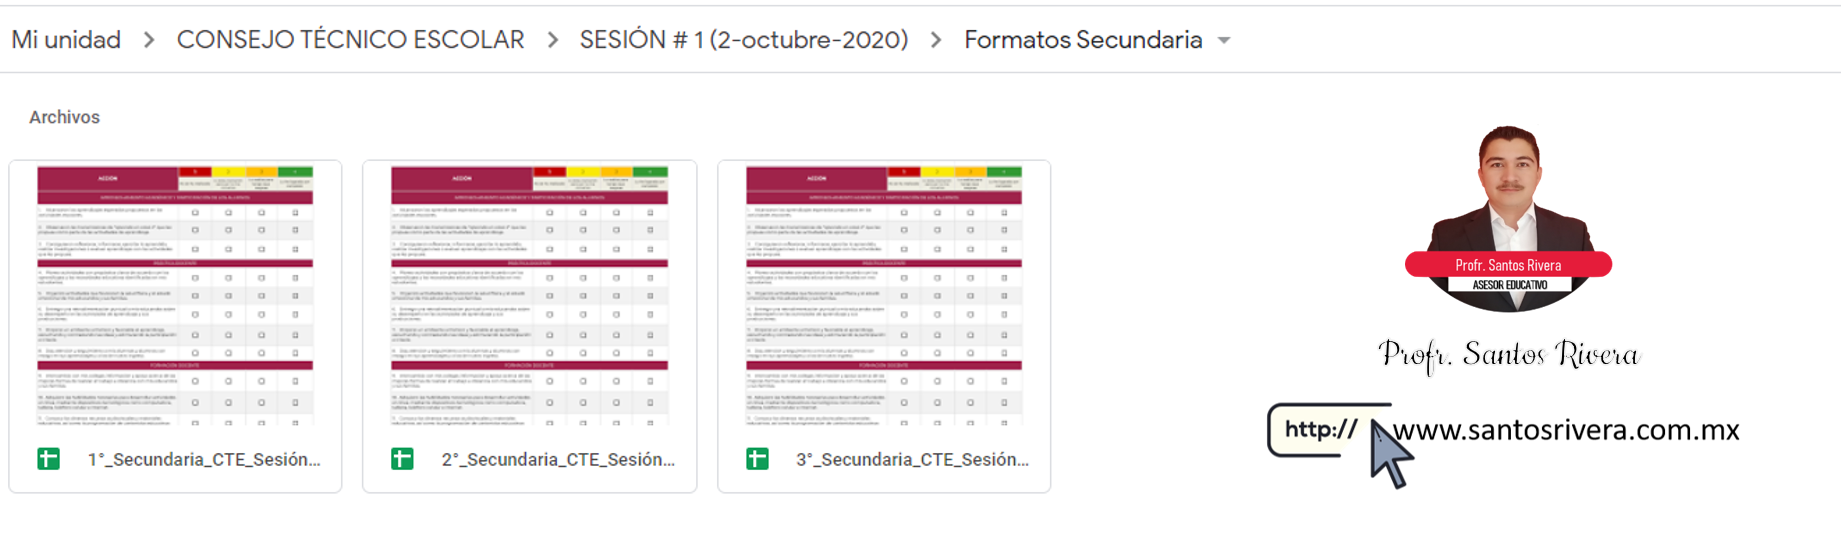 Descargar formatos del Consejo Técnico Escolar para Secundaria